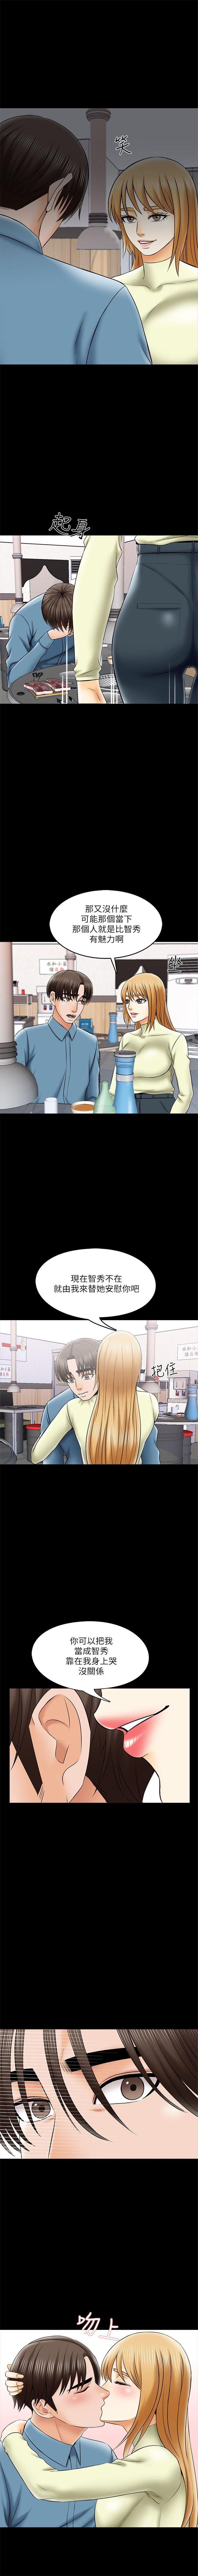 家教老師 1-42 官方中文(連載中) 206